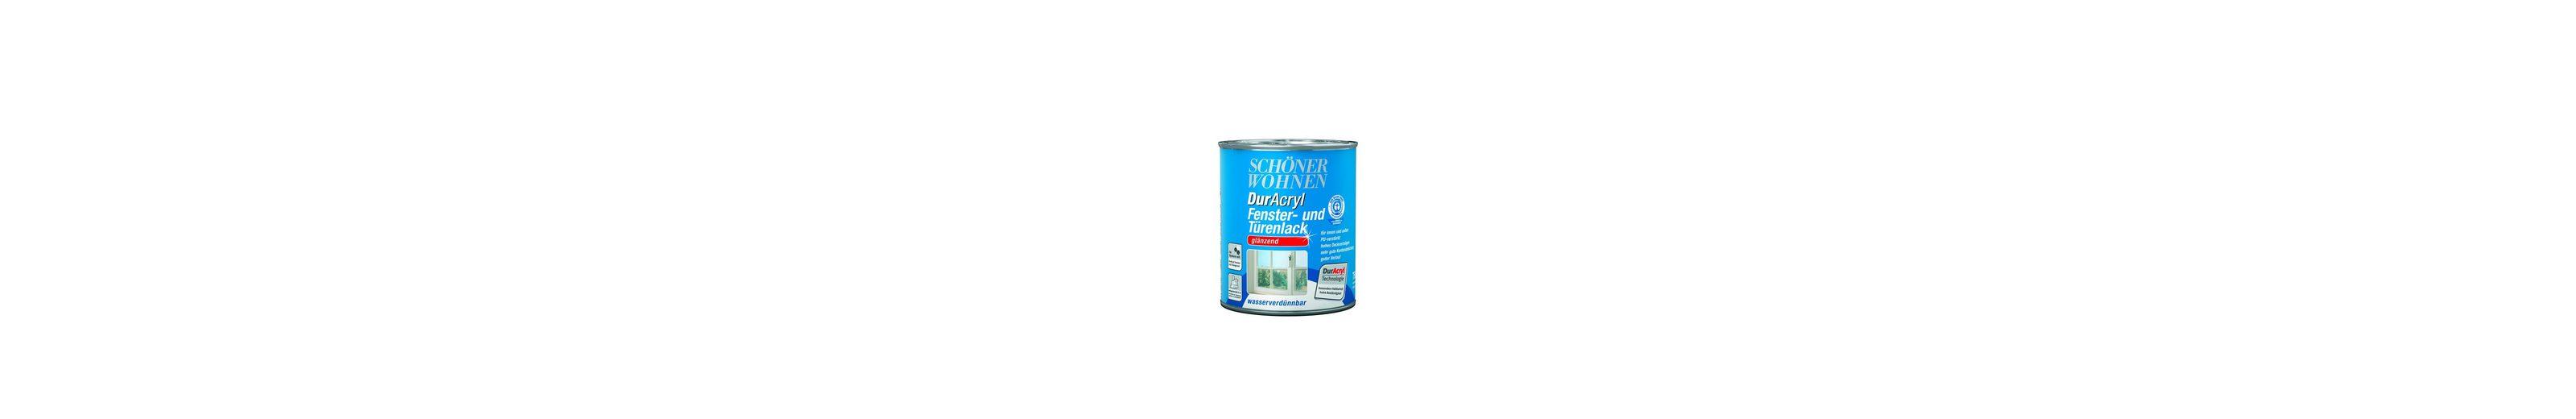 DurAcryl Fenster- und Türenlack, glänzend